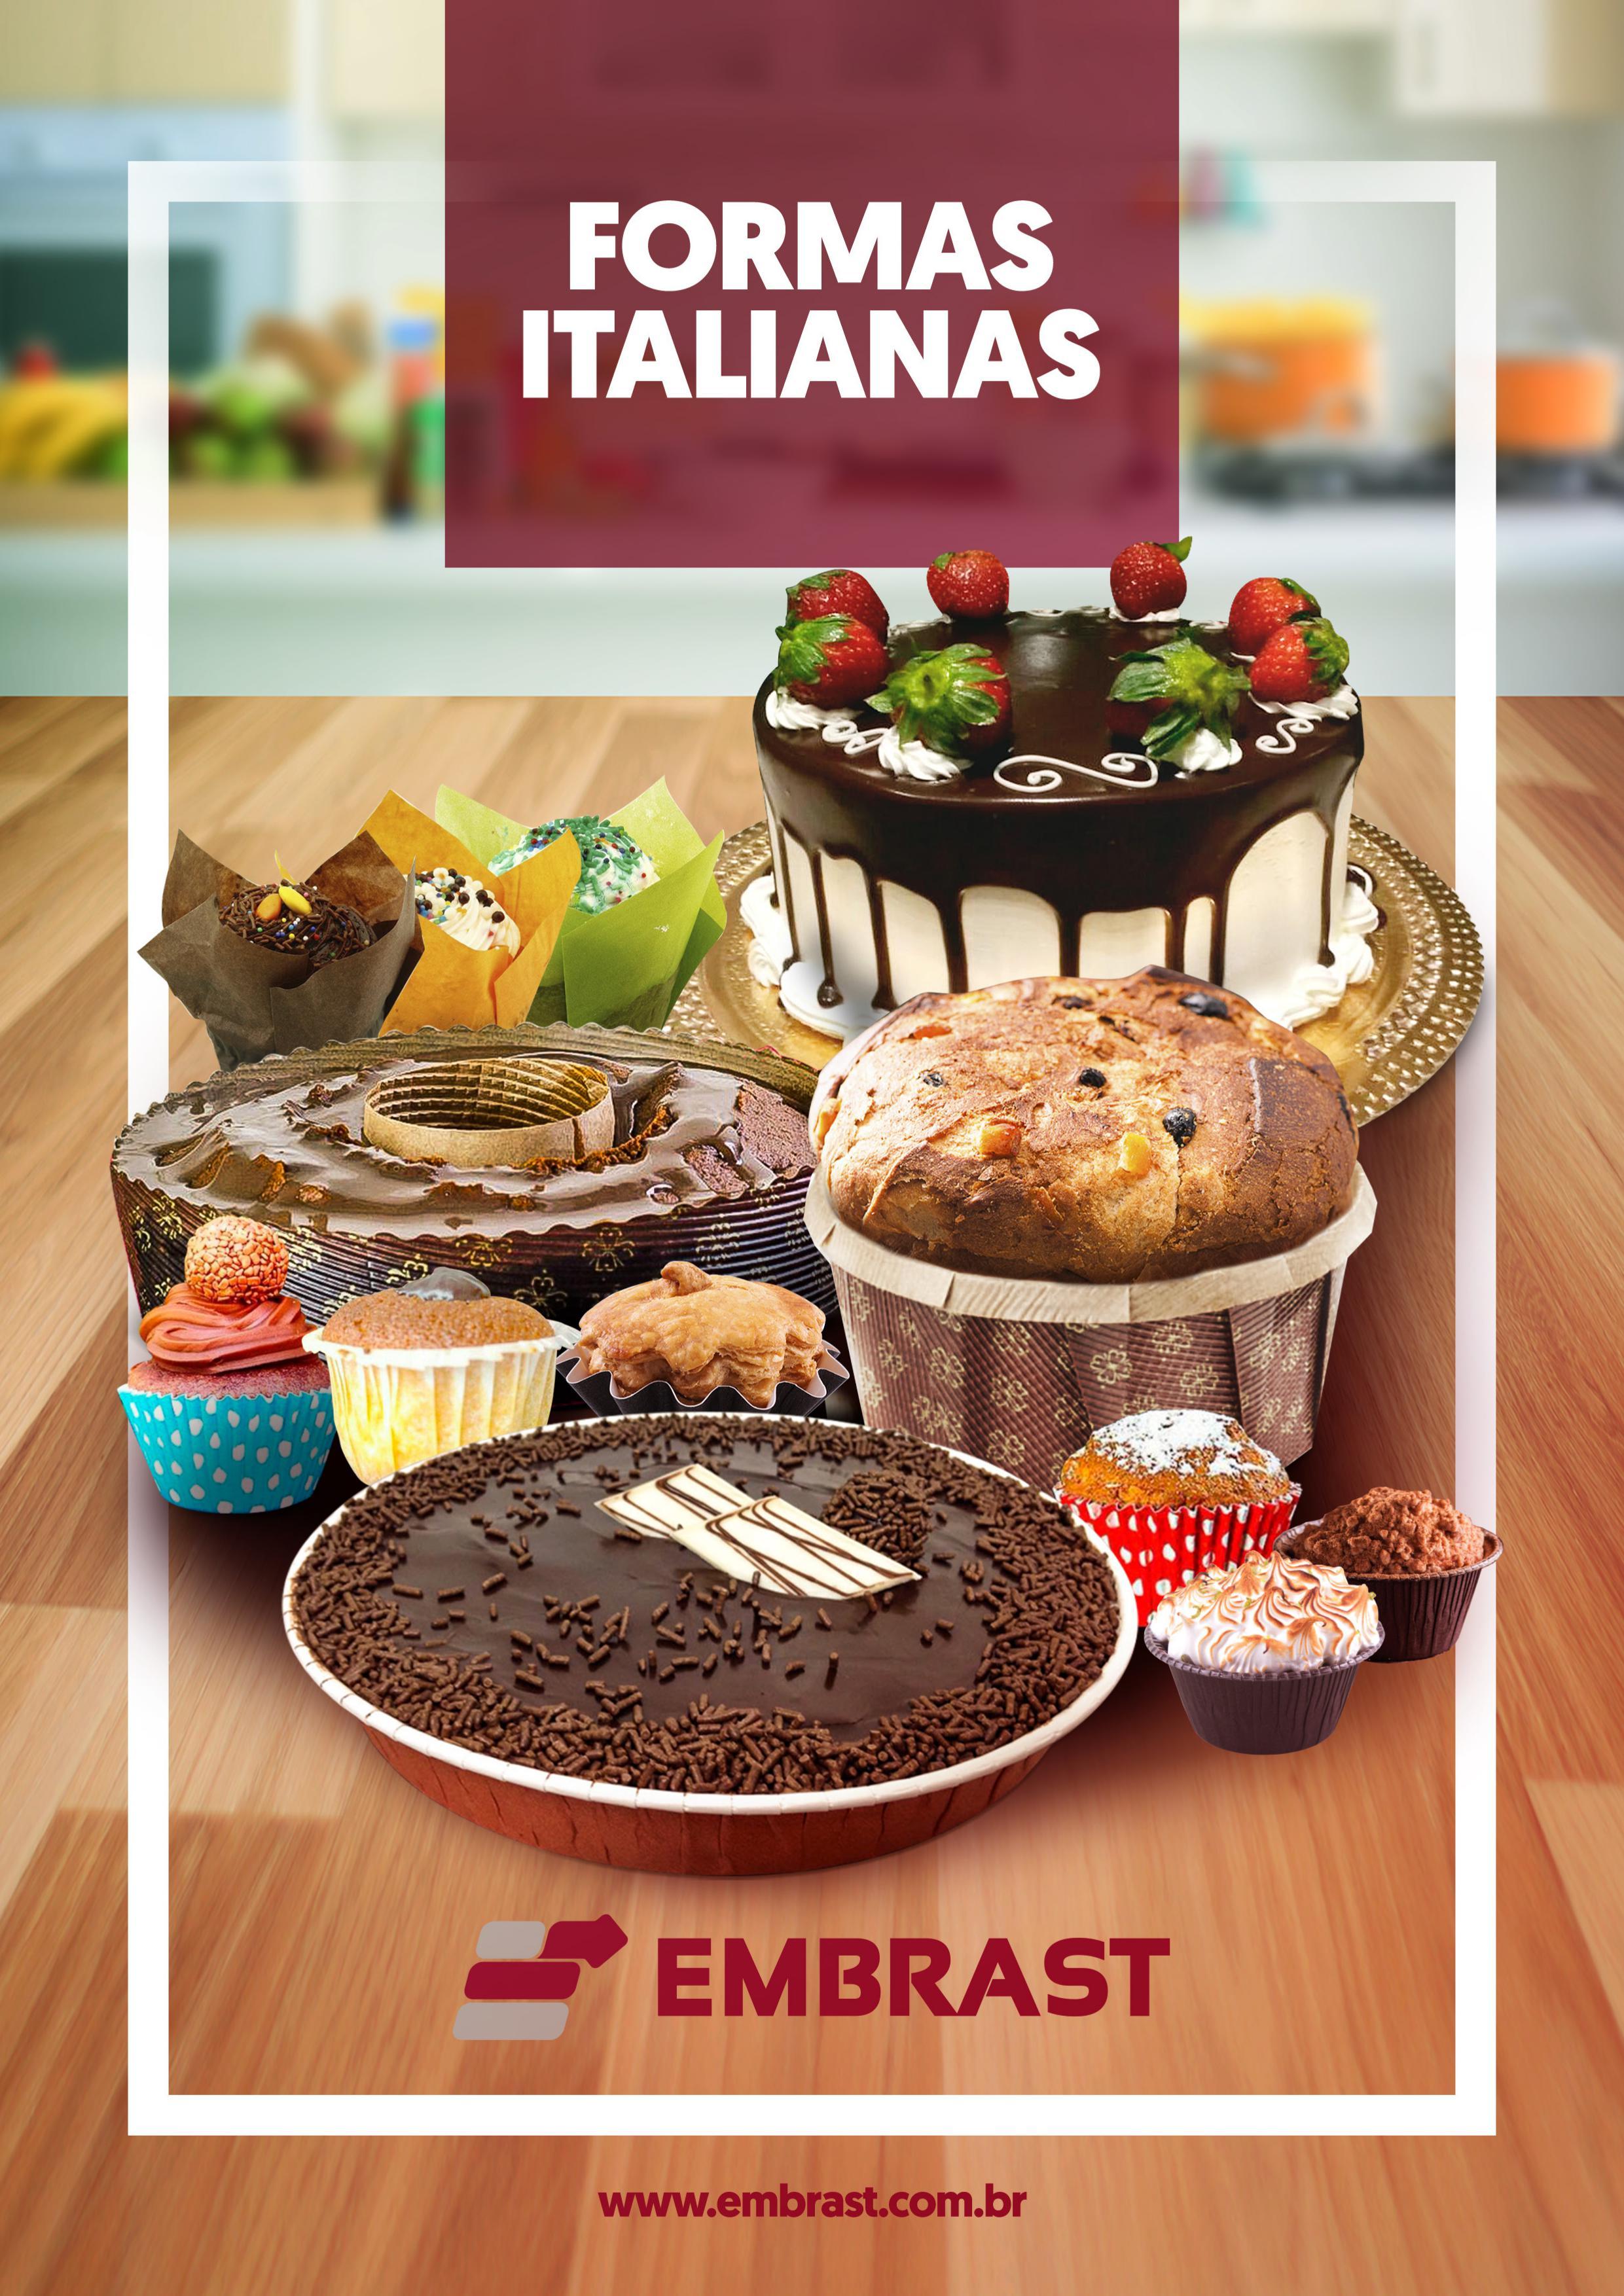 formas-italianas-page-1